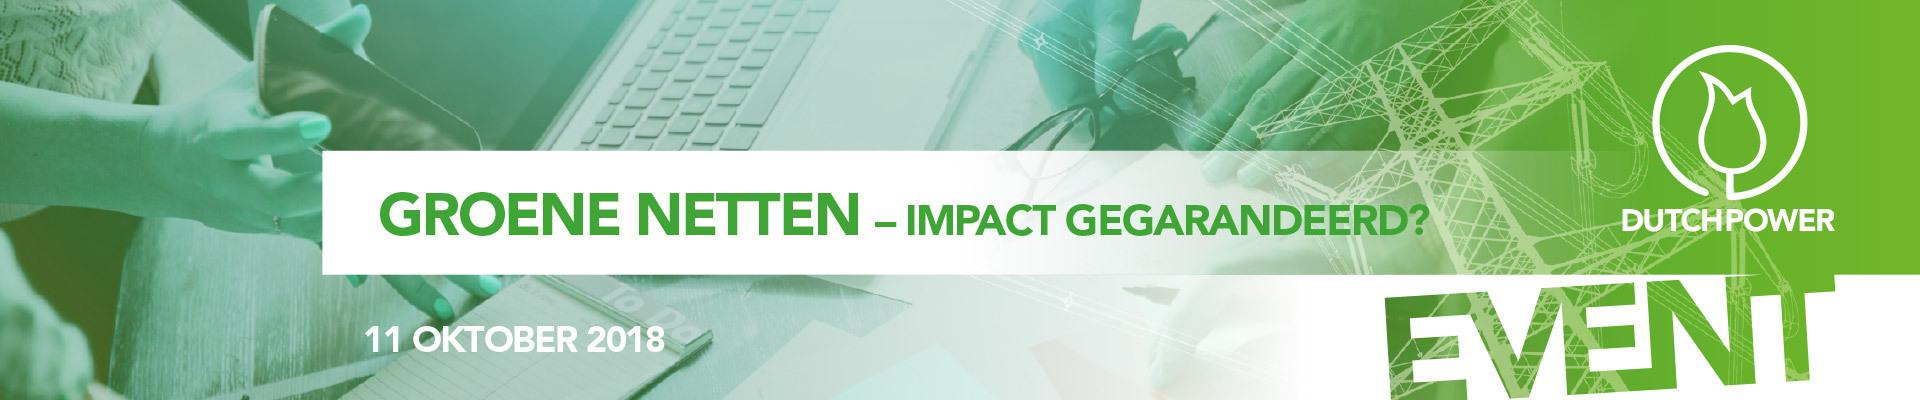 Groene Netten - Impact gegarandeerd?